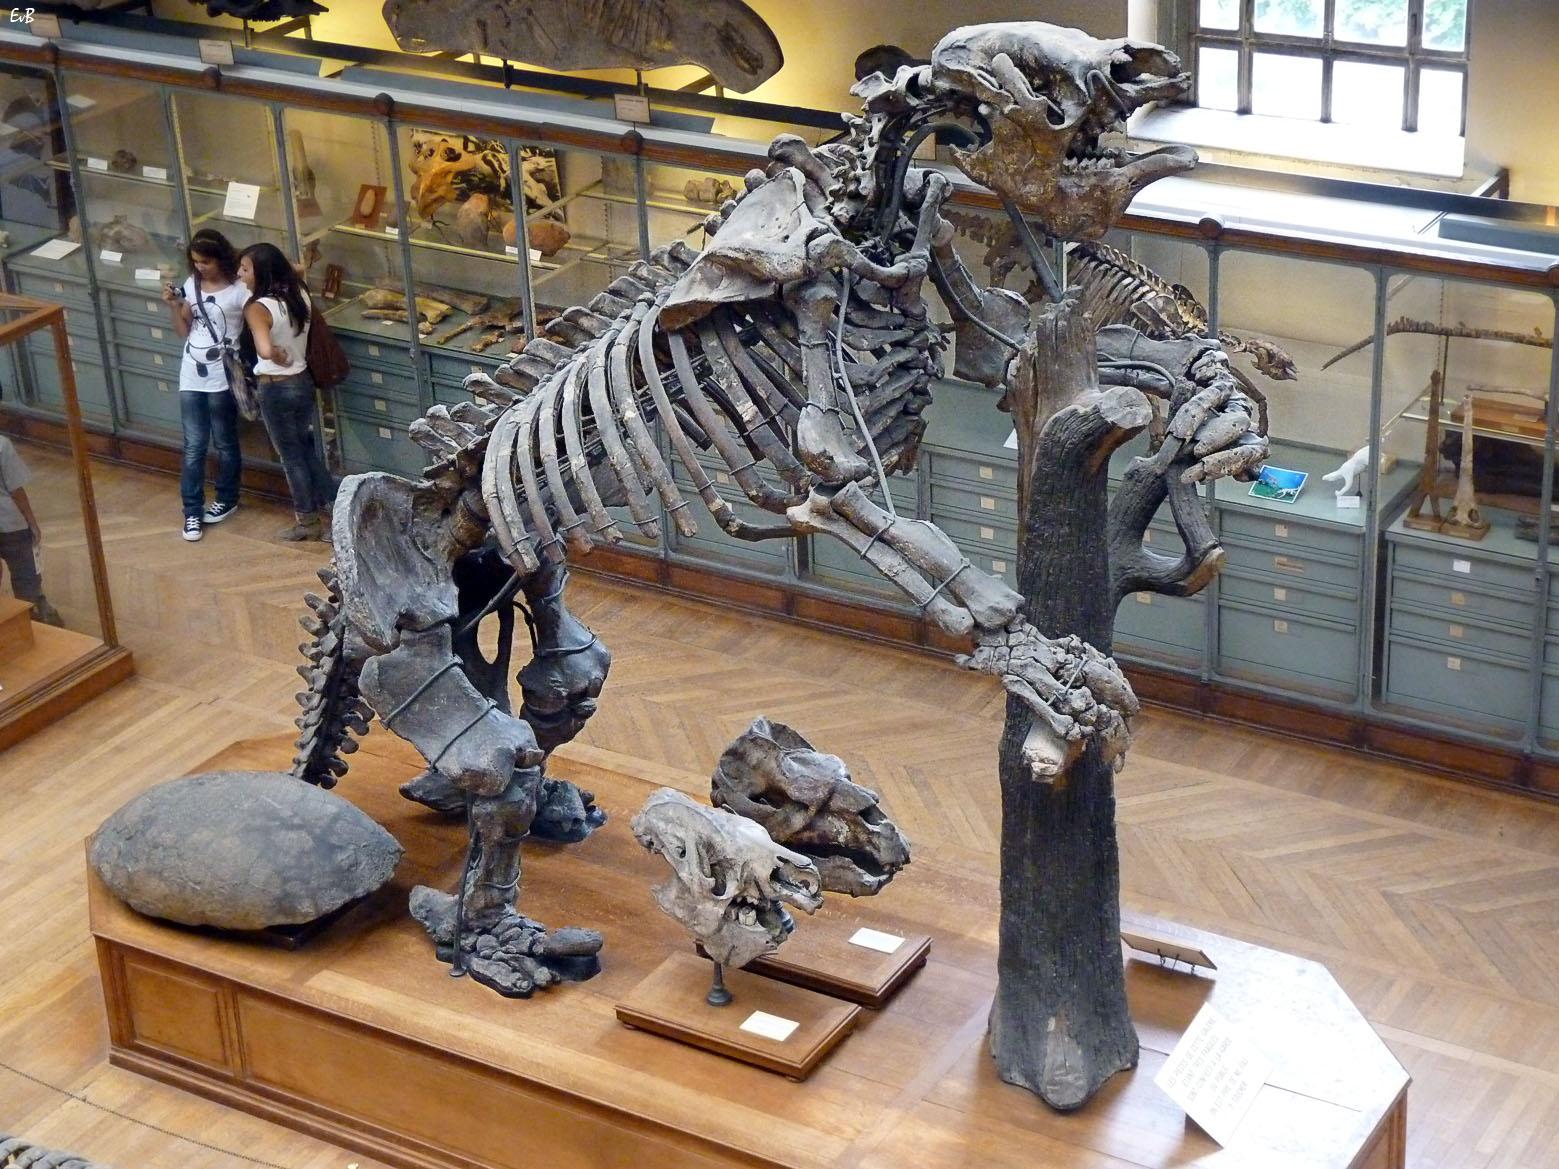 Los humanos cazaban a perezosos gigantes hace 11.000 años